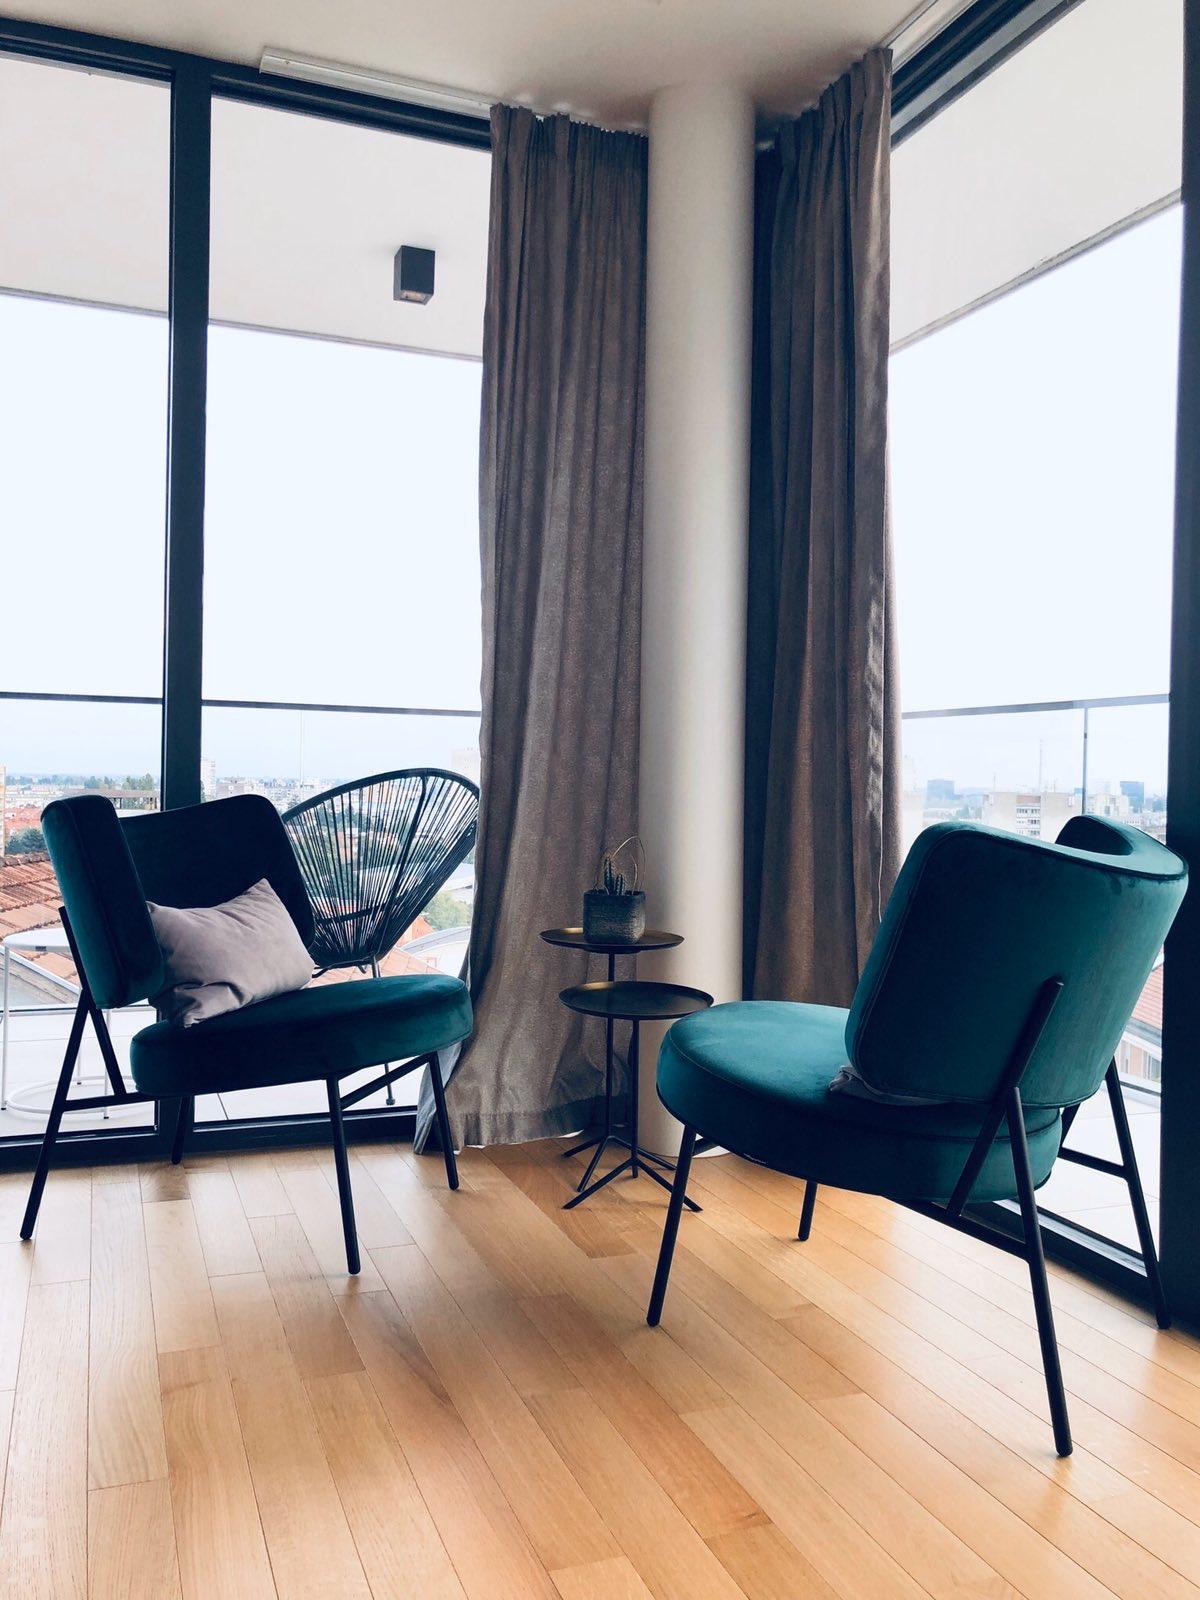 Calligaris fotelje i custom dekor zavjese by Studio Interijer